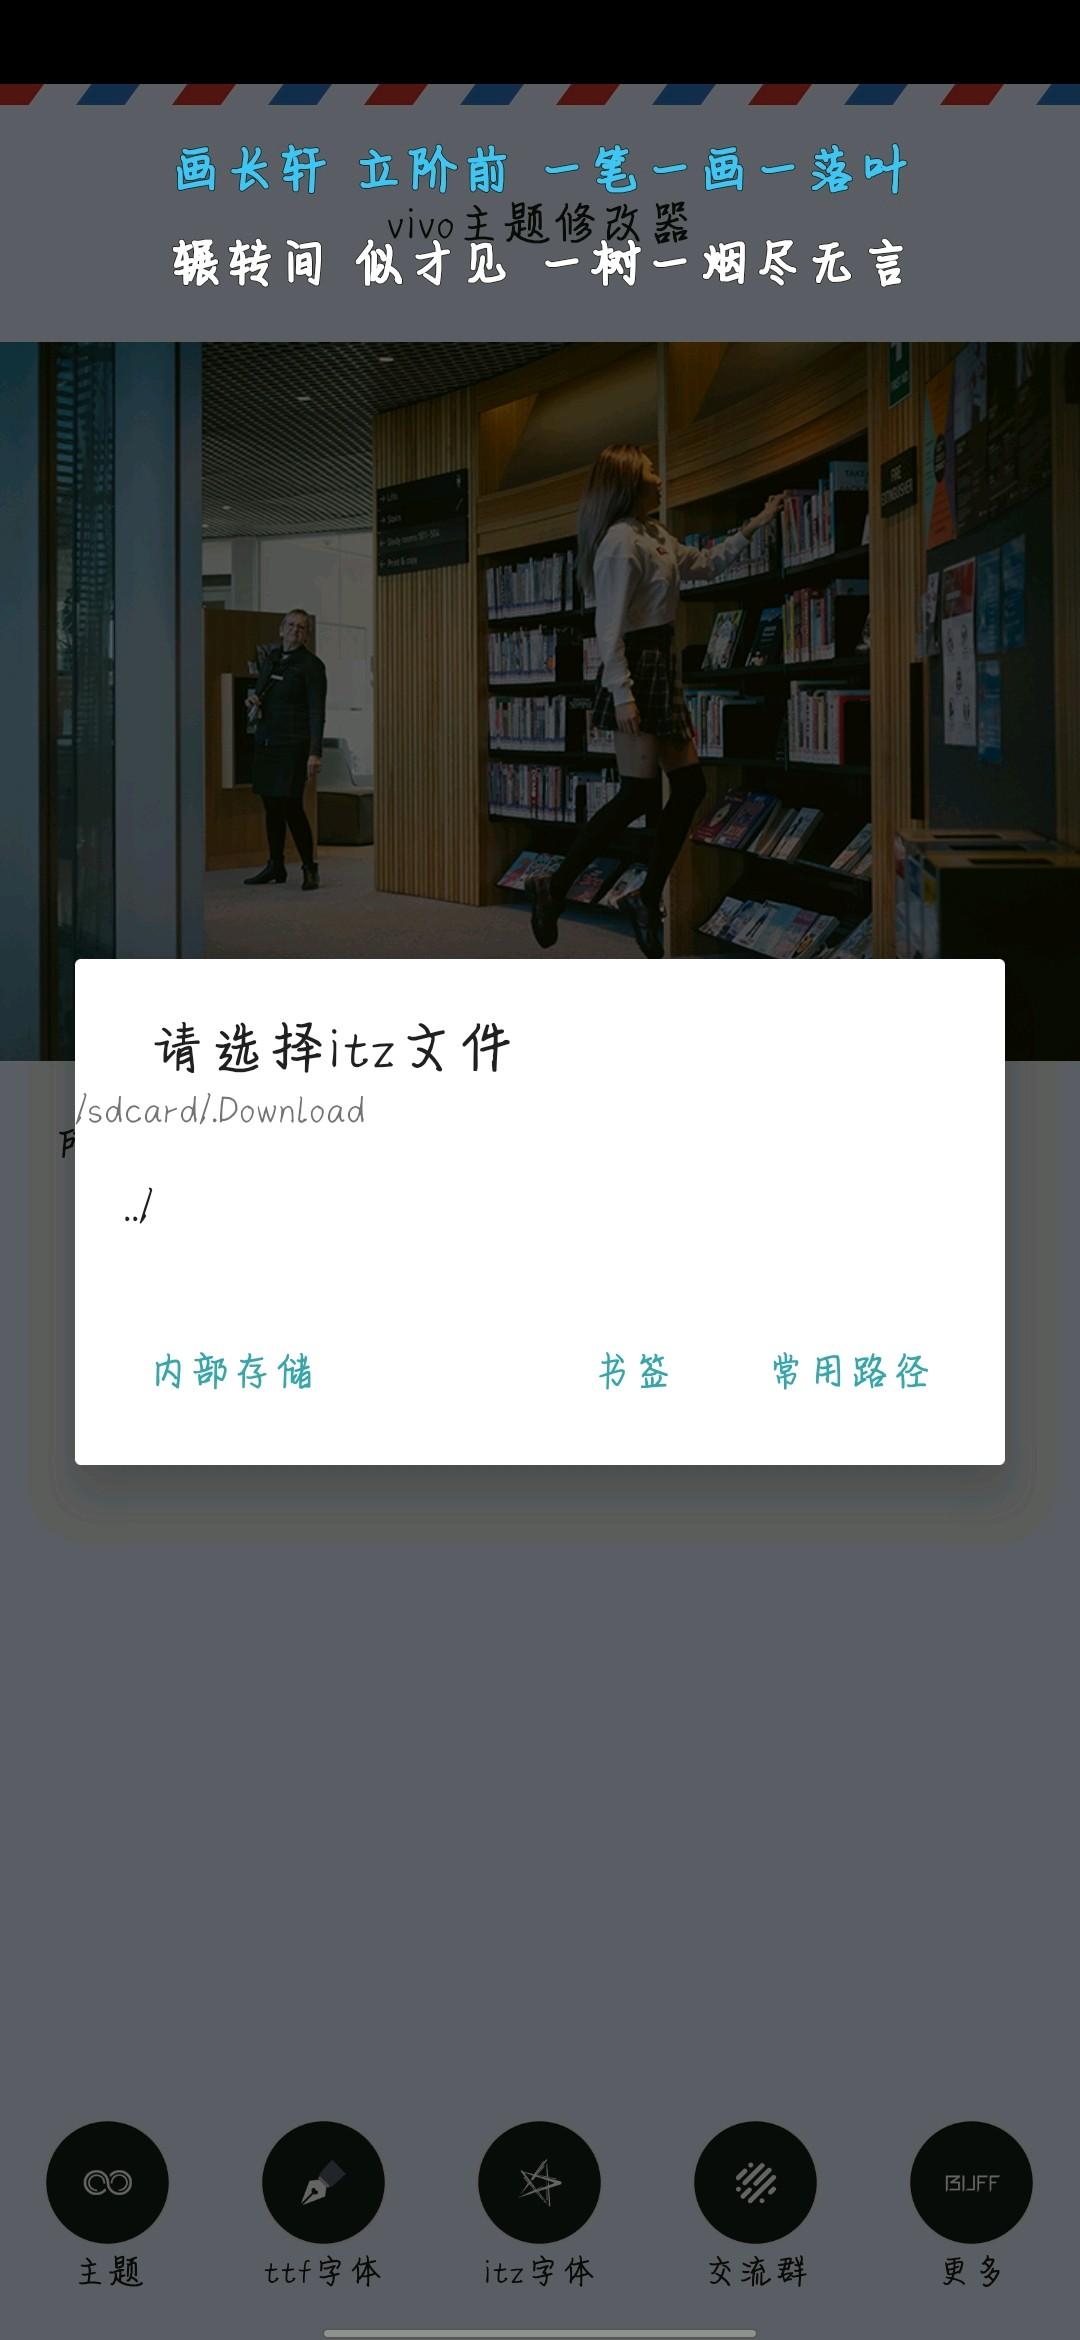 Screenshot_20200819_202328.jpg